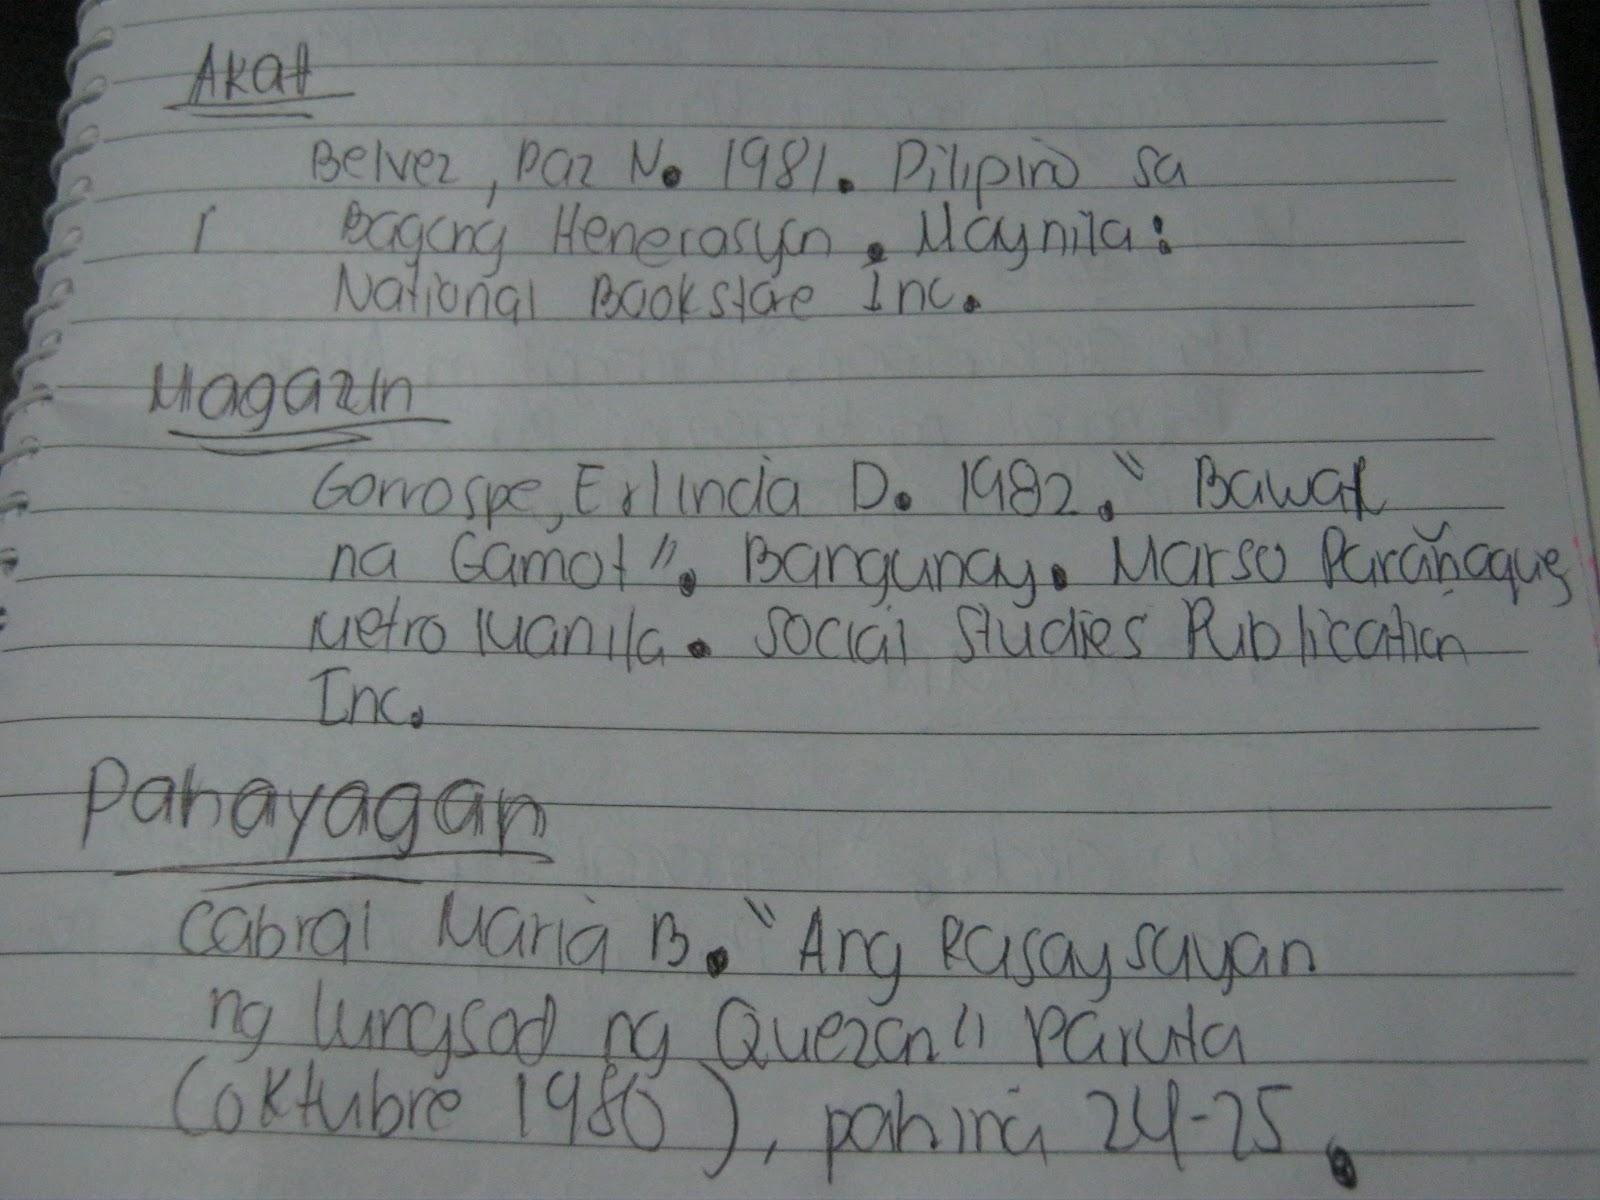 paggawa ng konklusyon sa term paper Guide sa paggawa ng thesis:d halimbawa ng isang pamanahong papel o term paper na may halimbawa ng isang pamanahong papel o term paper na may pamagat na.